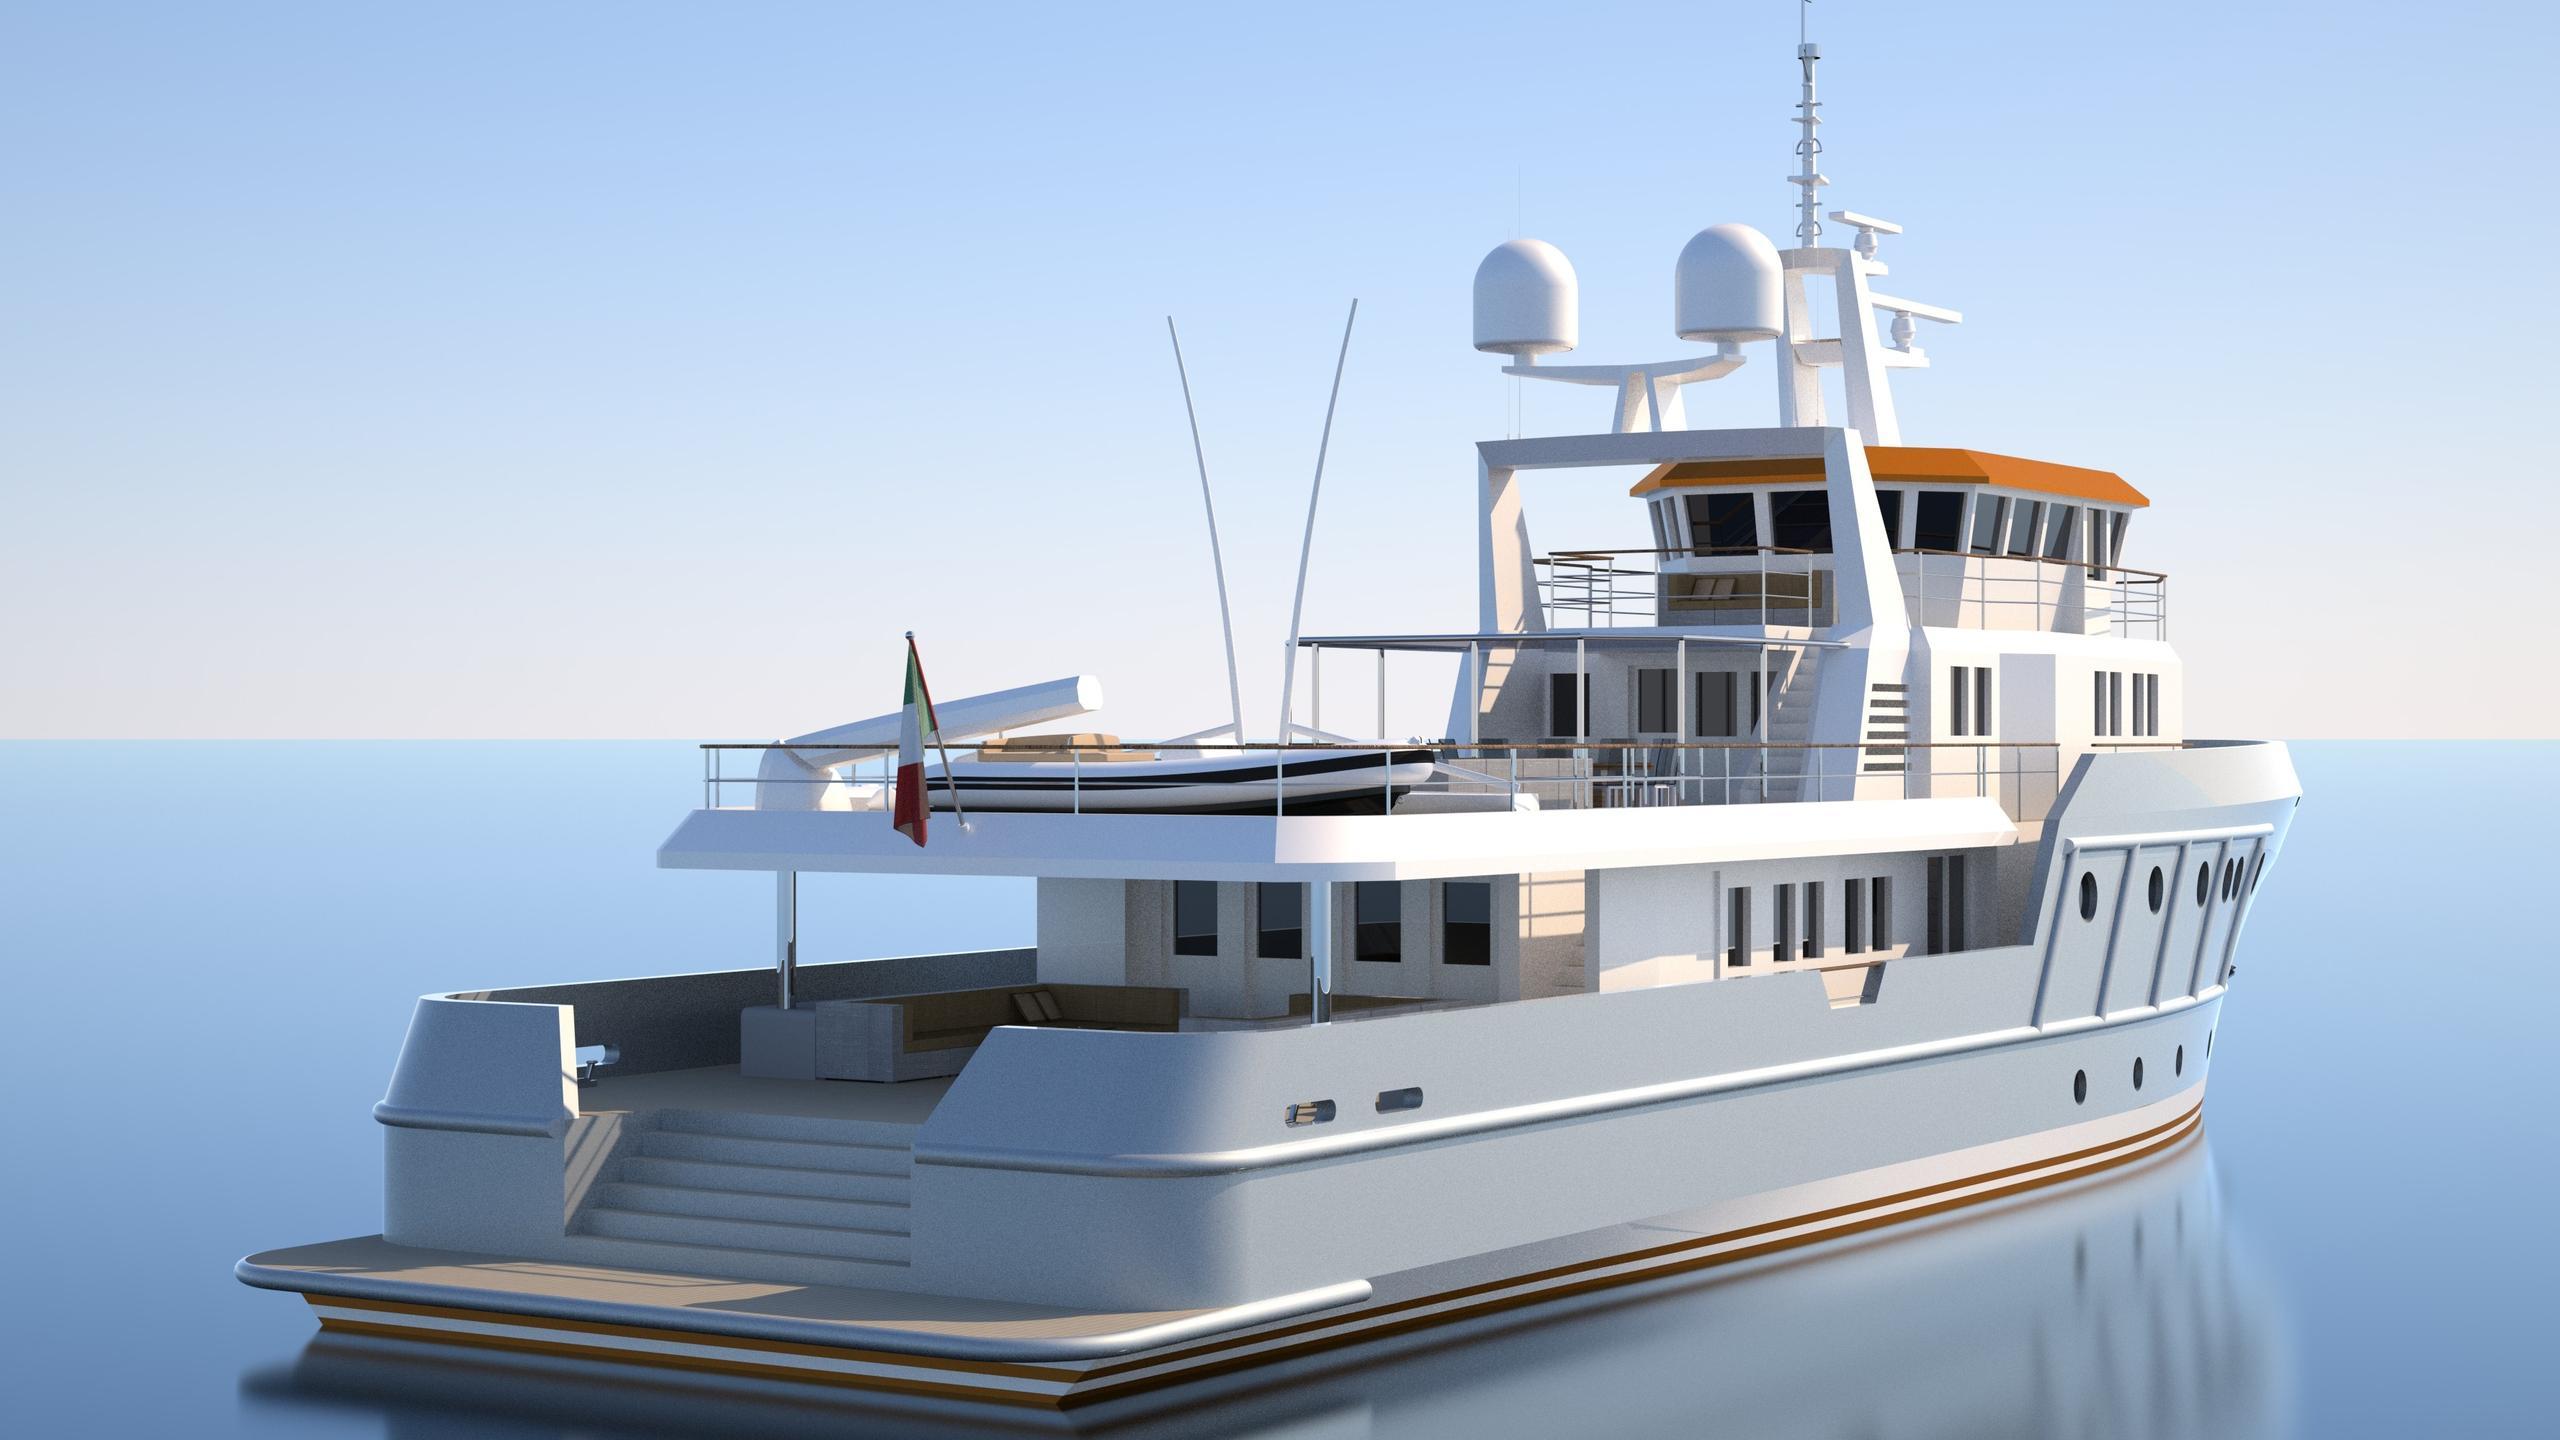 genesia motoryacht chioggia ocean king 130 yacht exterior rendering half stern